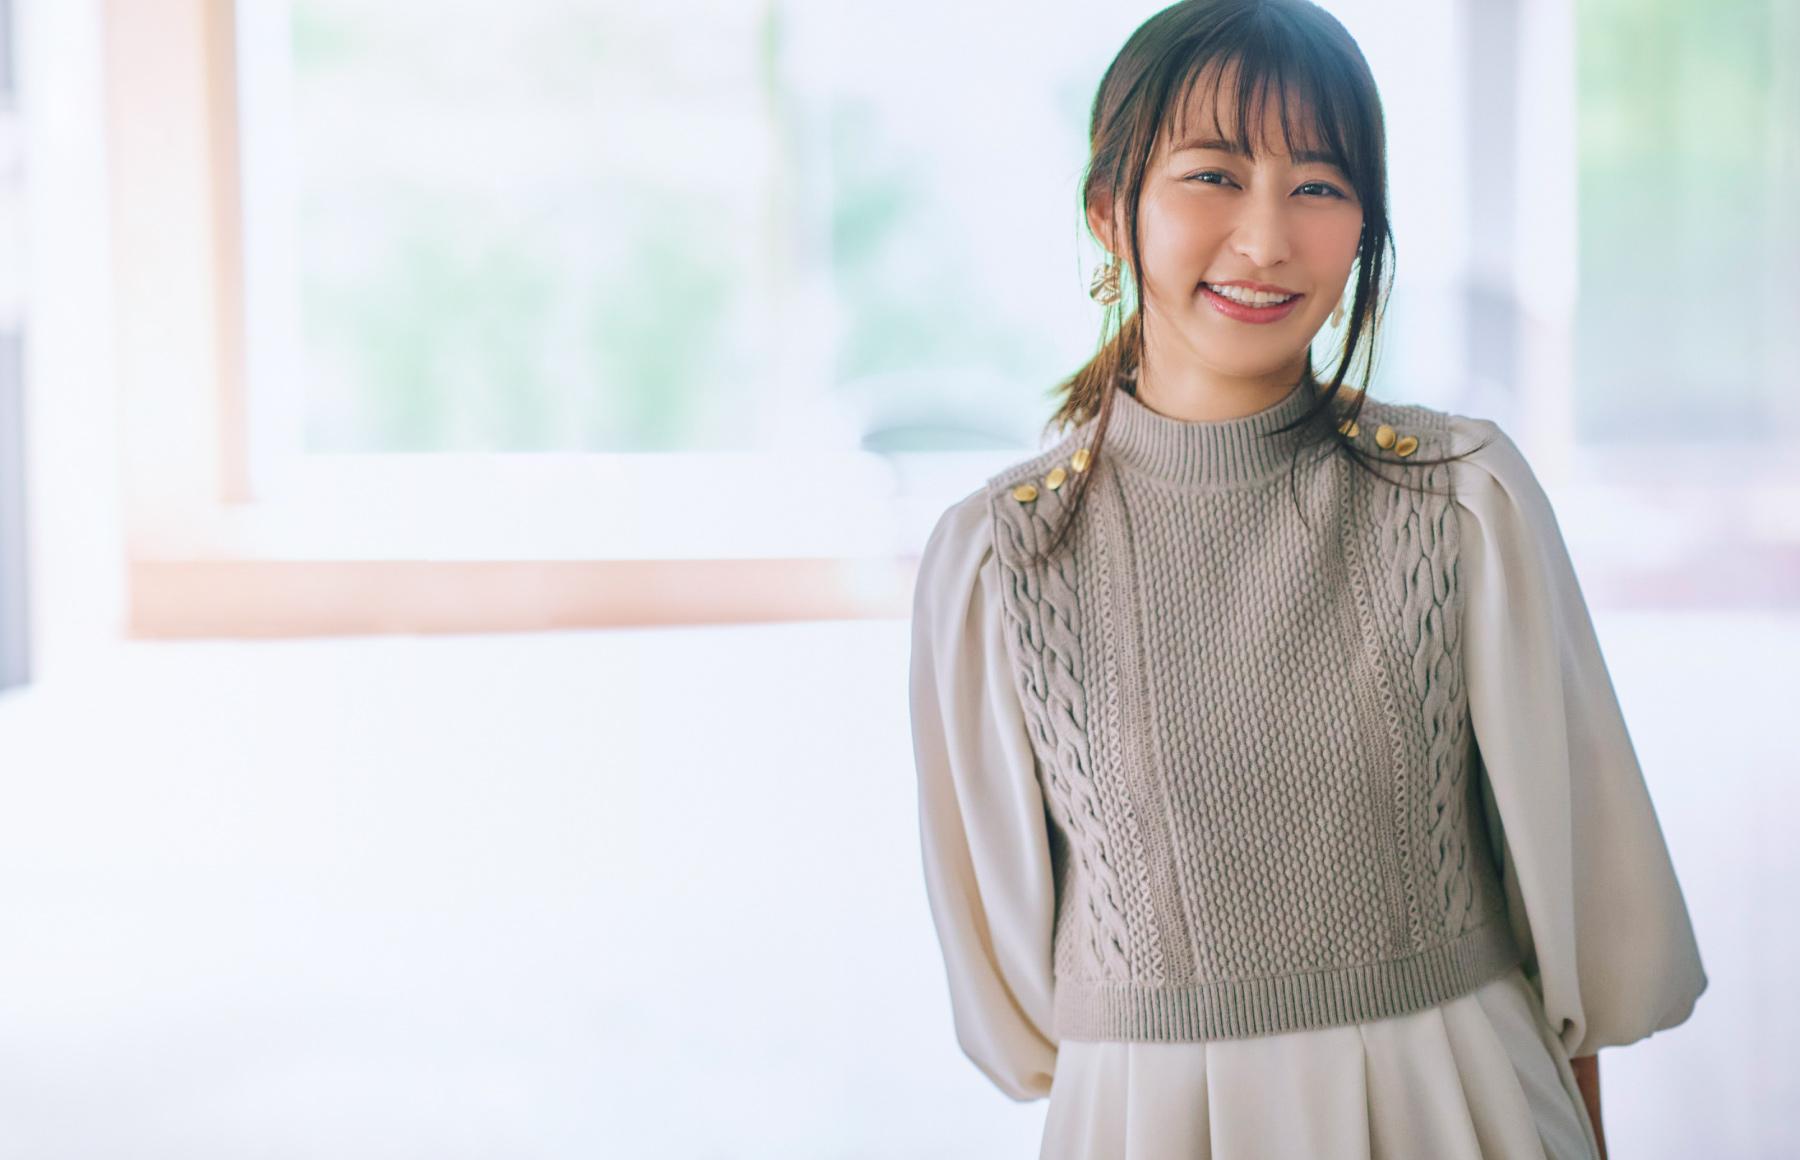 人気キャスターから学ぶ 「好印象」の作り方 第2回 枡田絵理奈さん - 前編 -